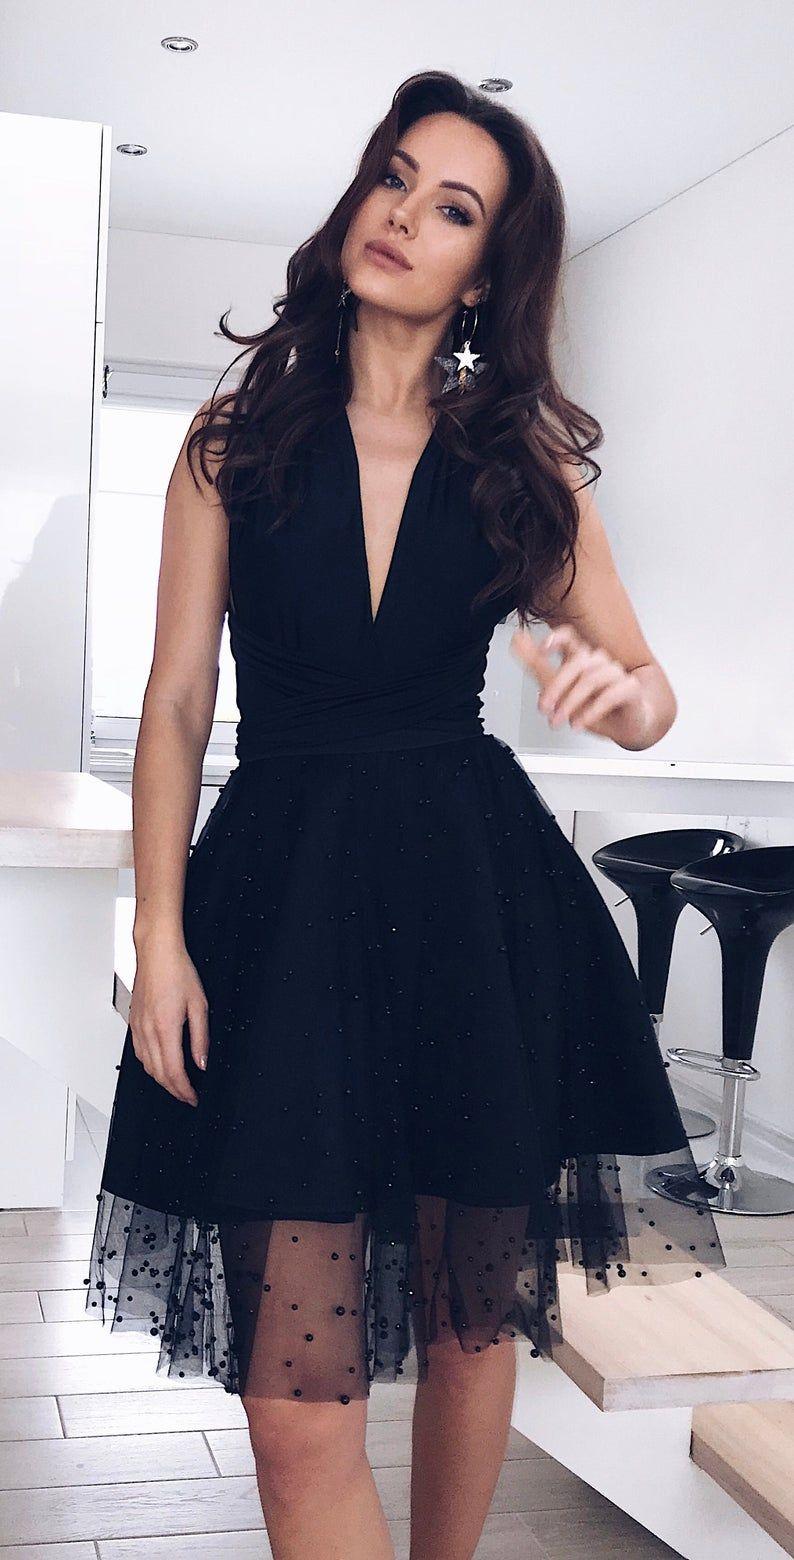 Black Tulle Multi Dress Black Tulle Skirt Wedding Guest Etsy Multi Way Dress Tulle Skirt Black Tulle Skirt Wedding Guest [ 1560 x 794 Pixel ]